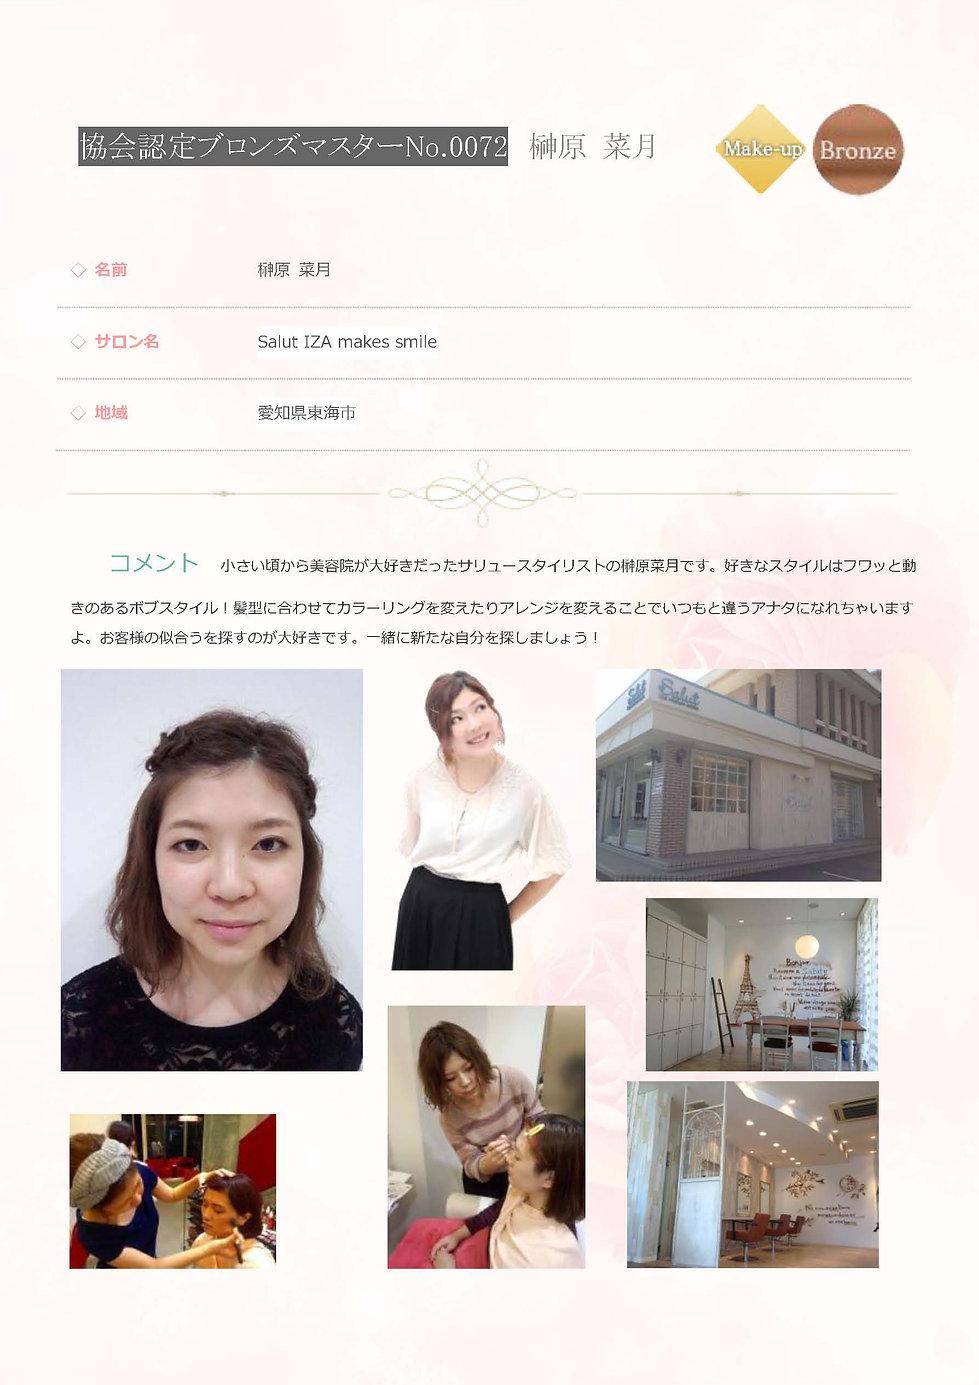 協会認定 ブロンズマスター メイク No0072 榊原 菜月